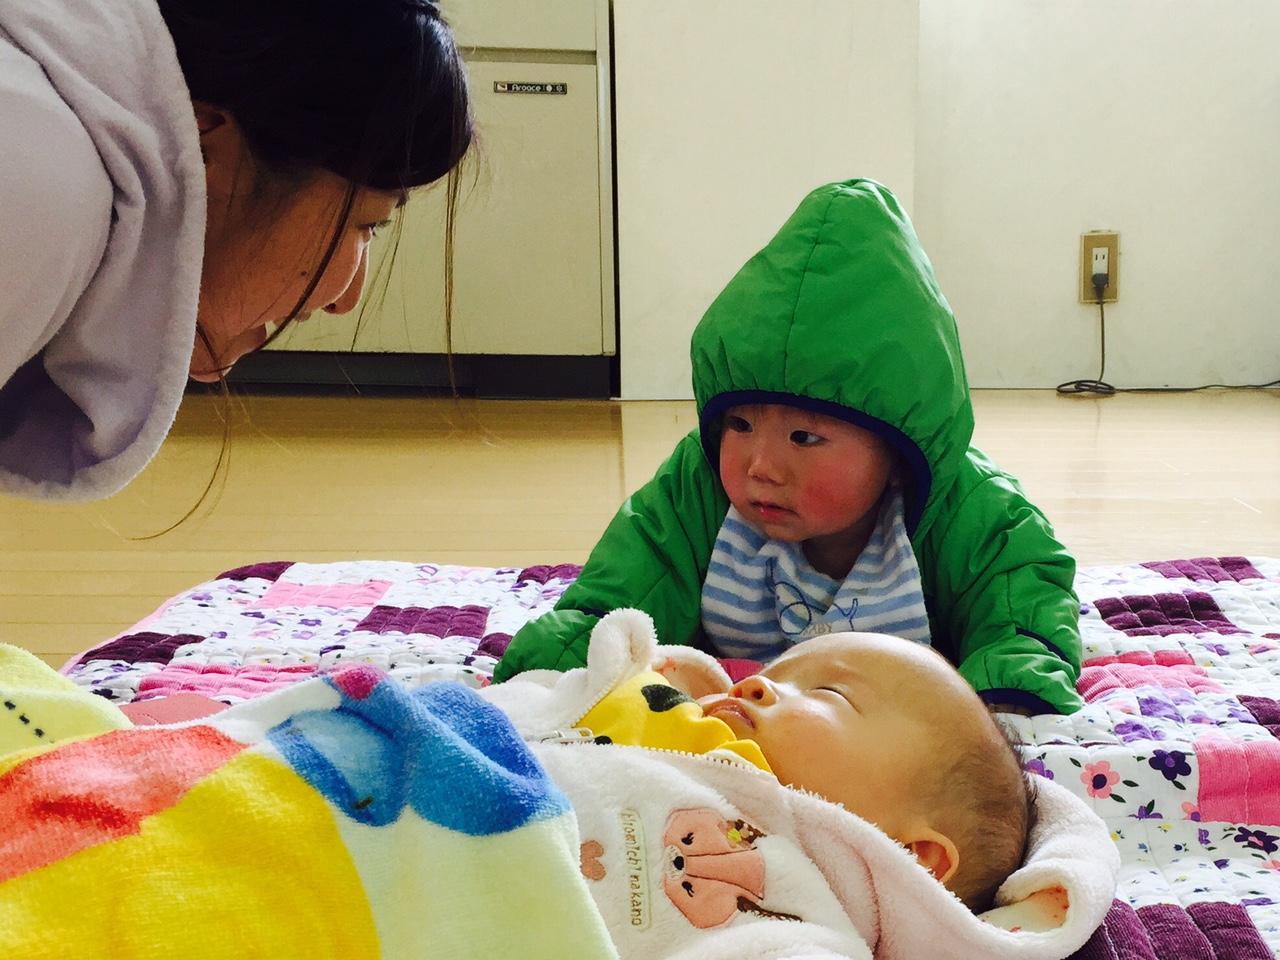 【長岡の産後ケア教室】二人目の産後は楽になる?一人目に知りたかった産後ケア!